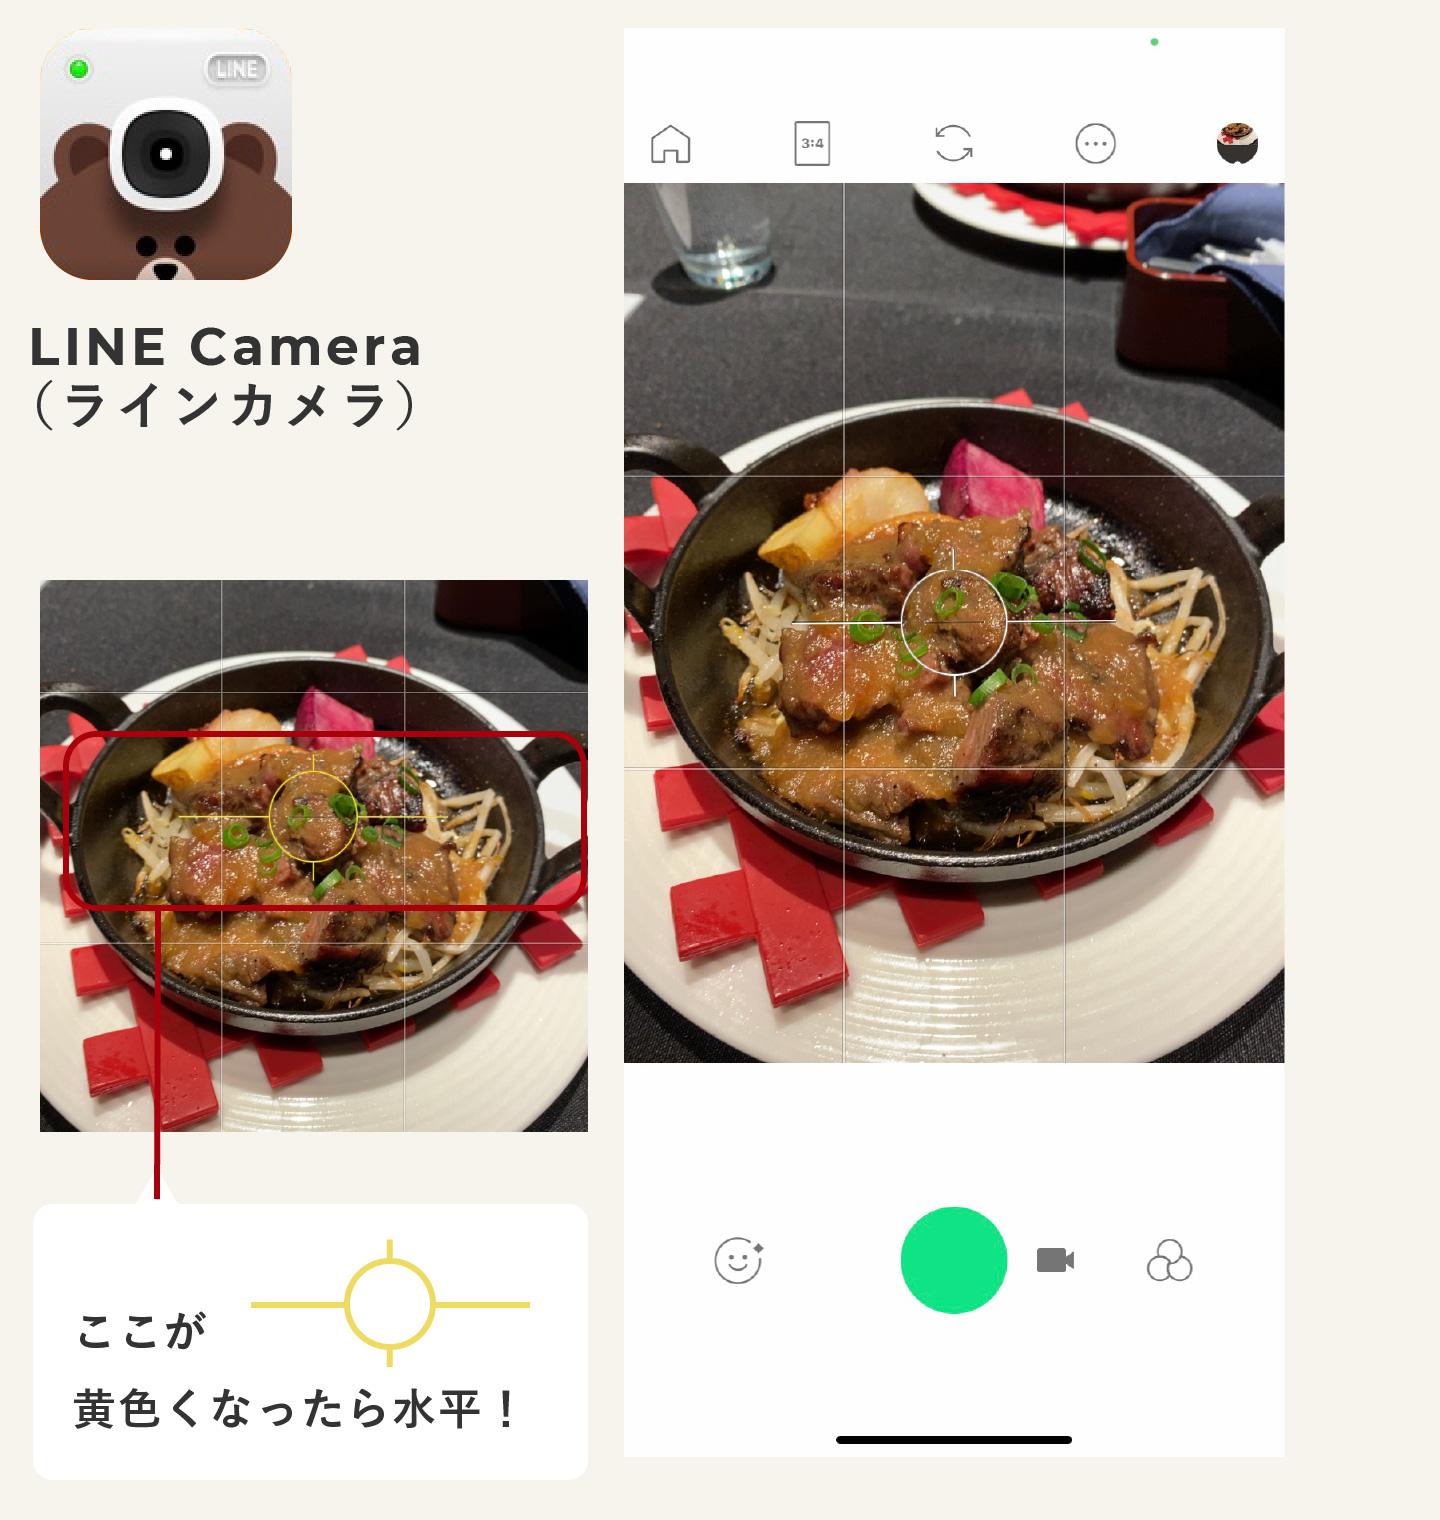 料理写真にも使えるLINEカメラ